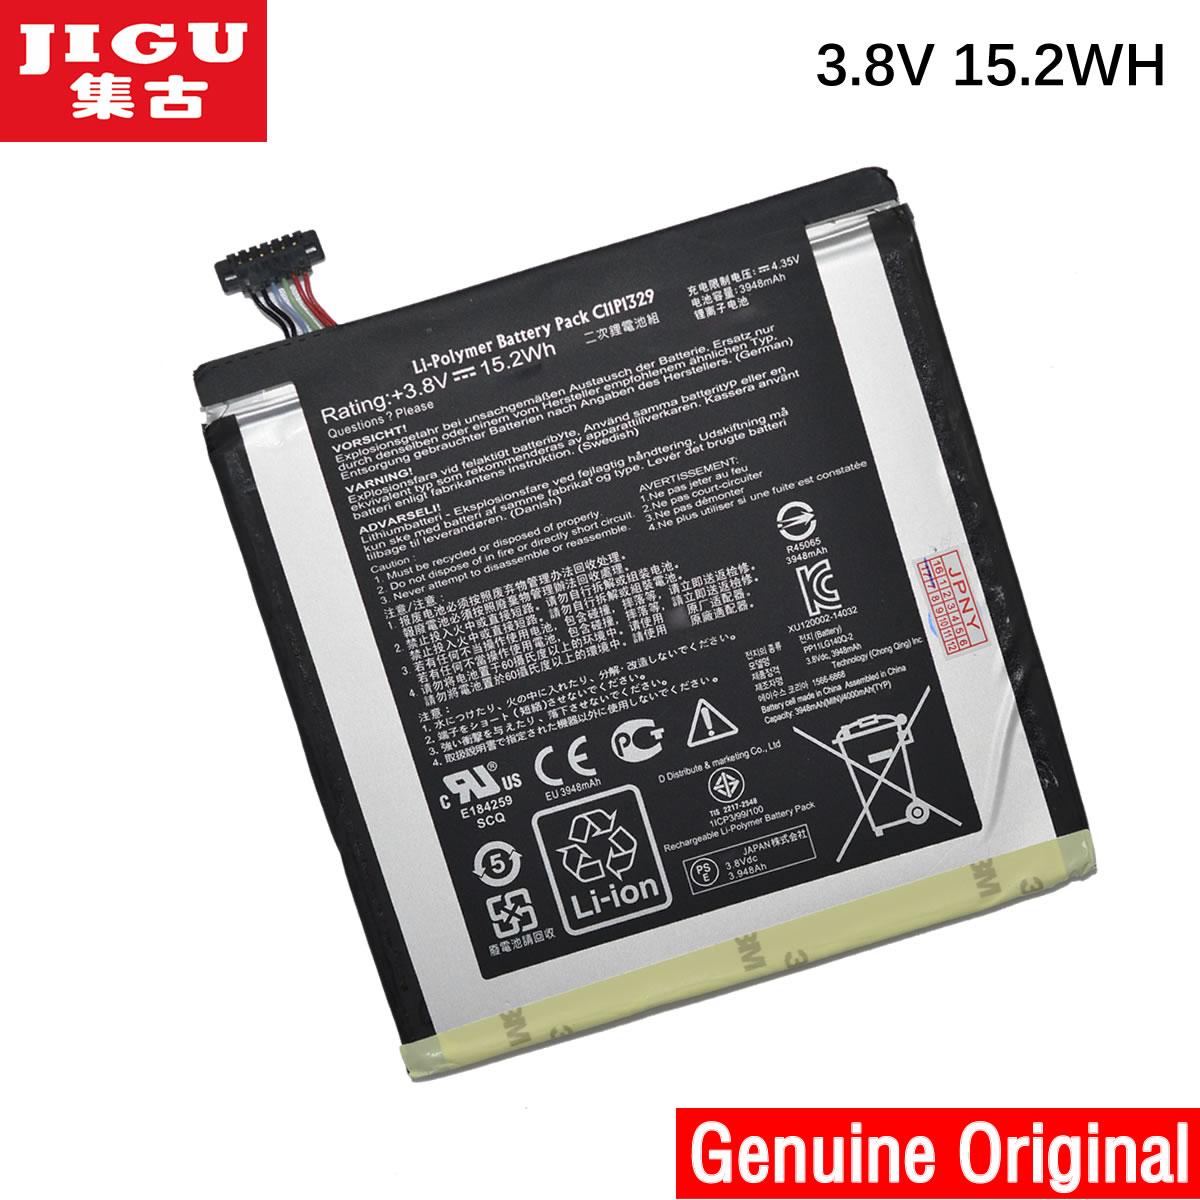 JIGU original laptop Battery C11P1329 for ASUS ME181C ME181CX ME8110C for Pad VivoTab M81C VivoTab 8